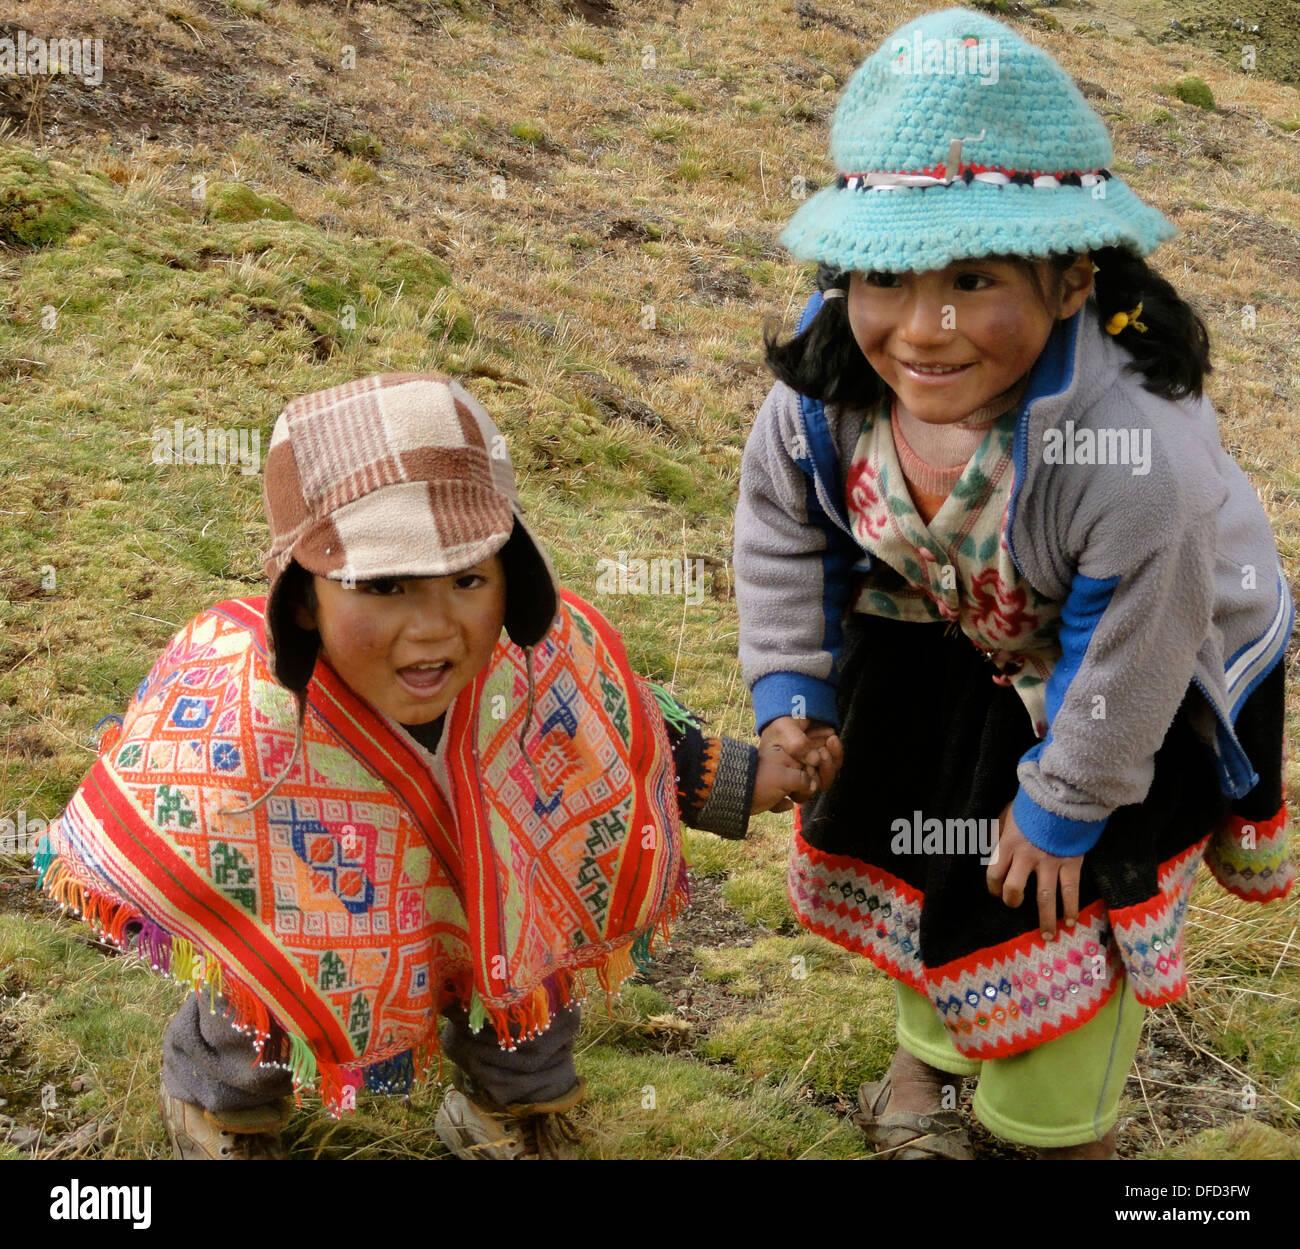 Dos niños de la comunidad de Lares vestido de poncho y vestidos  tradicionales en los Andes 2d65c84c3f2